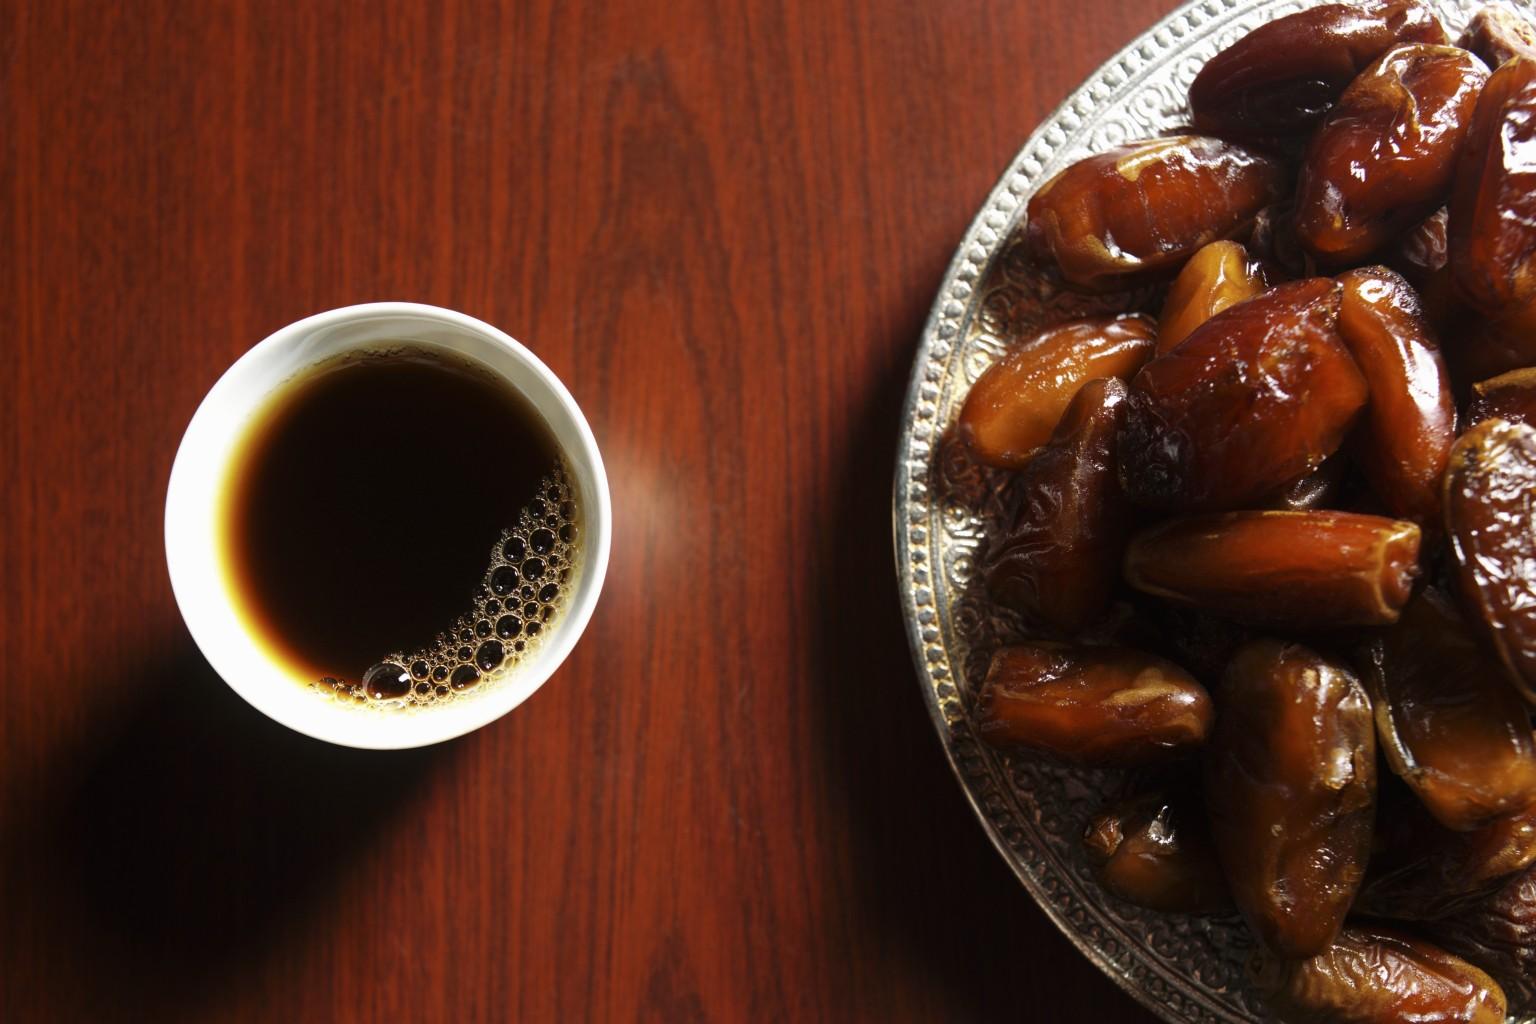 Рамадан в 2017 году мусульманский пост: вопросы и ответы